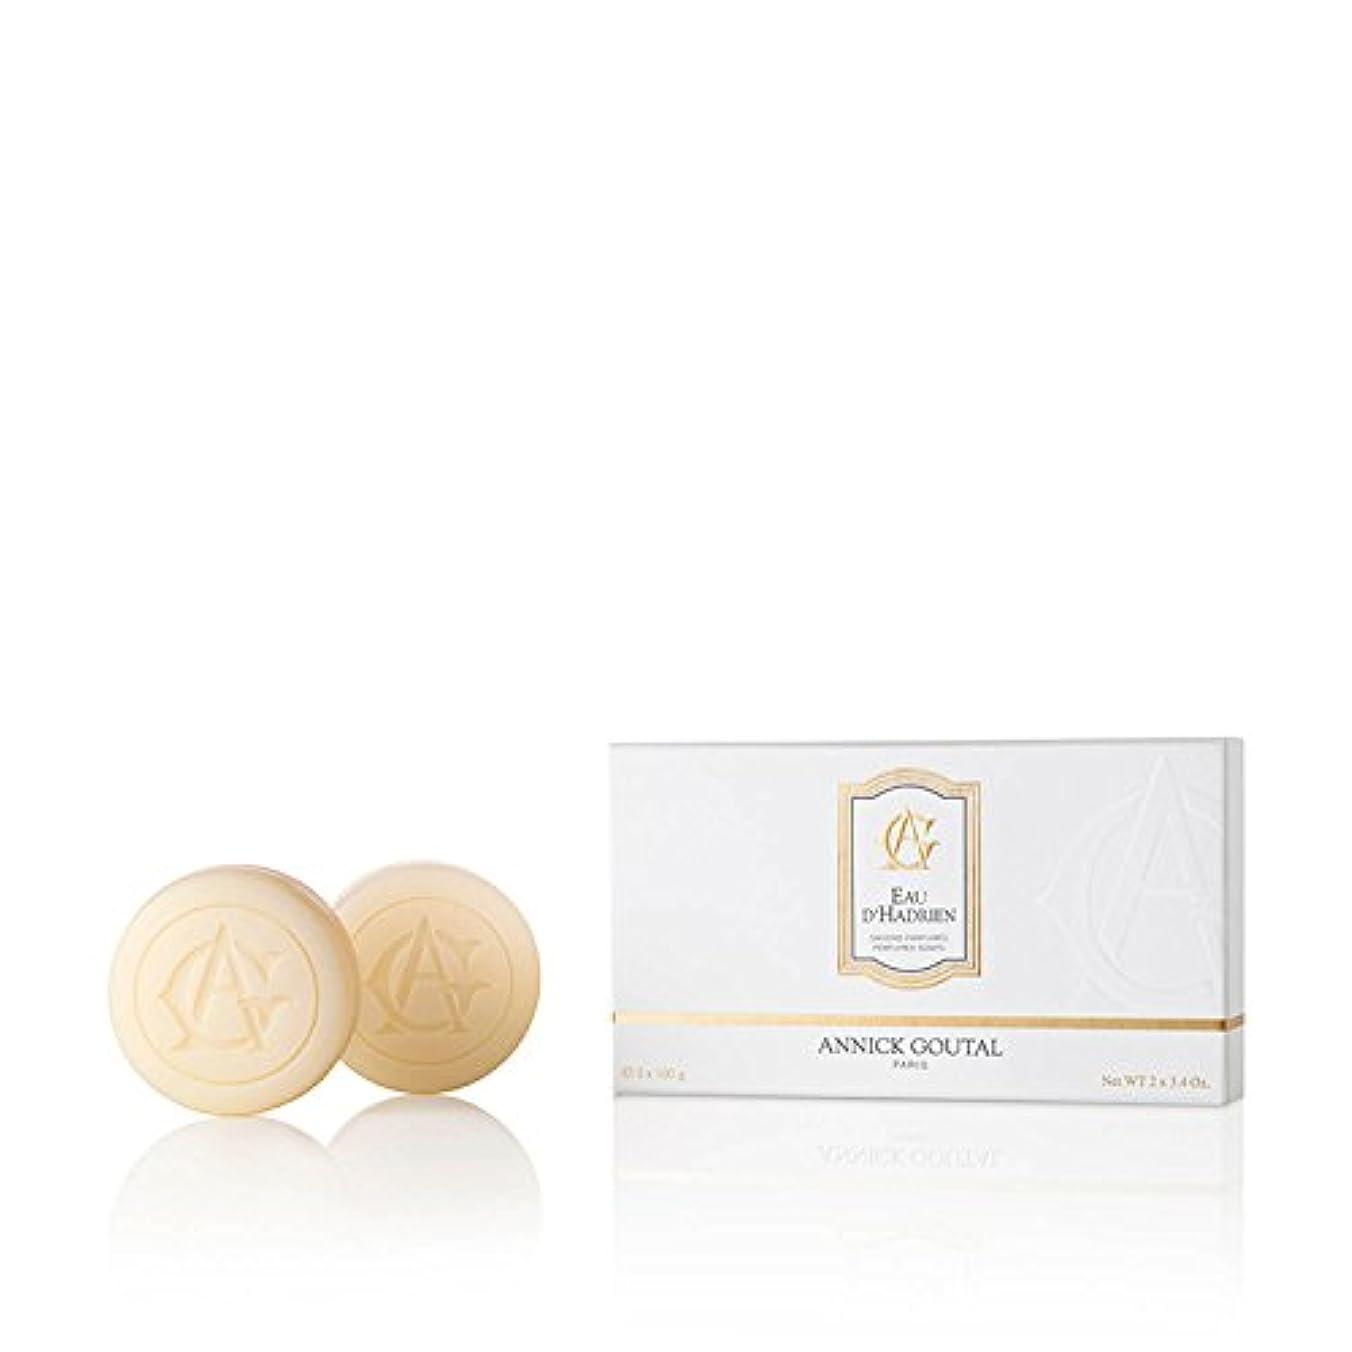 引く吸い込むジャベスウィルソンアニックグタール オーダドリアン ソープ 100g×2 ANNICK GOUTAL EAU D'HADRIEN SOAP [並行輸入品]